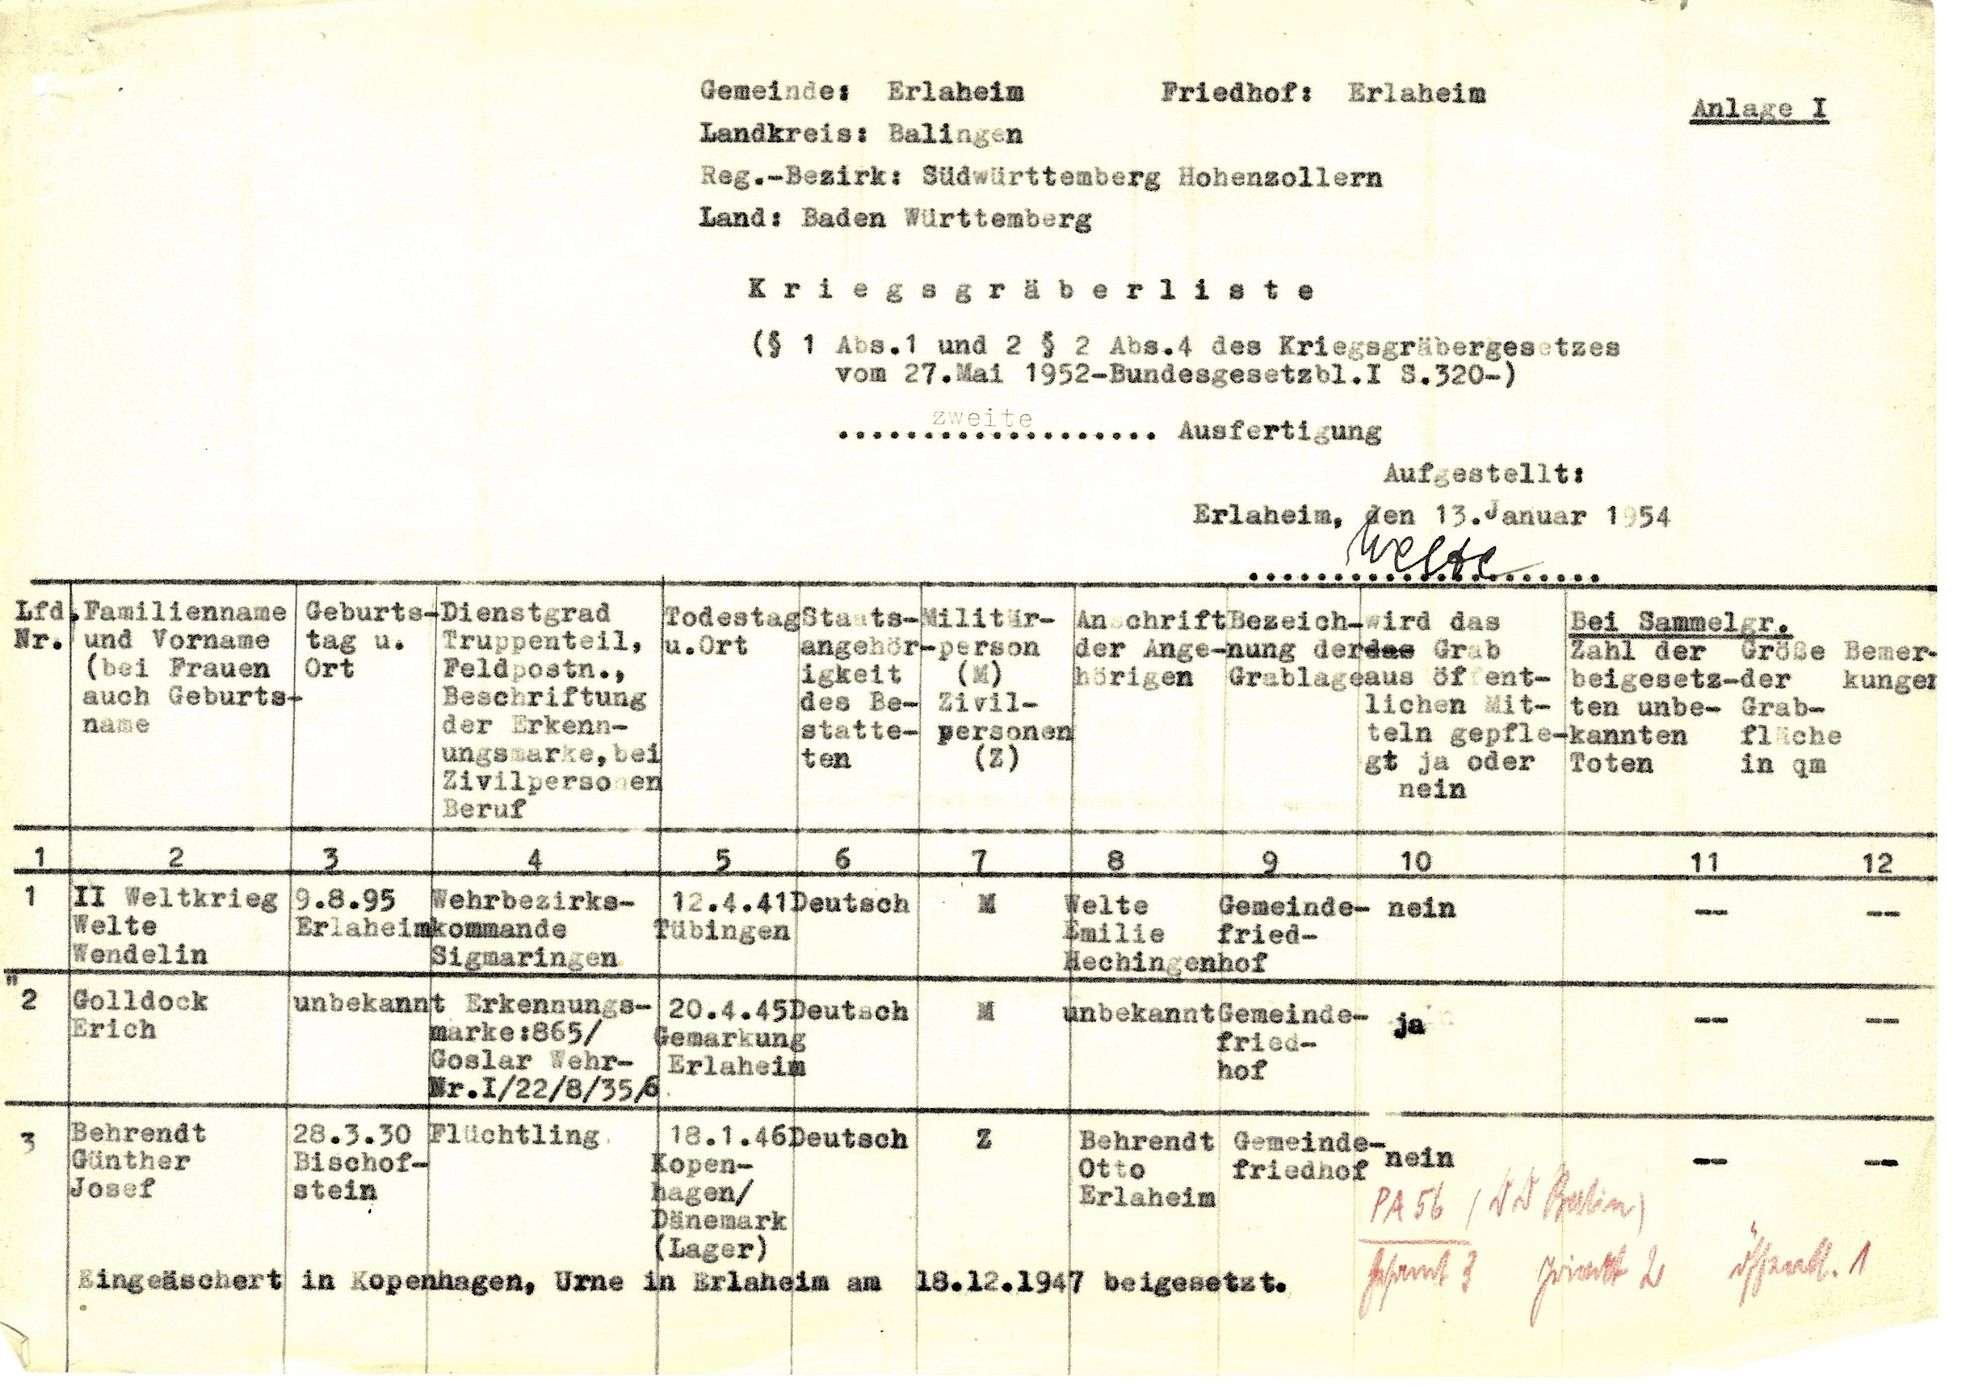 Erlaheim, Bild 2